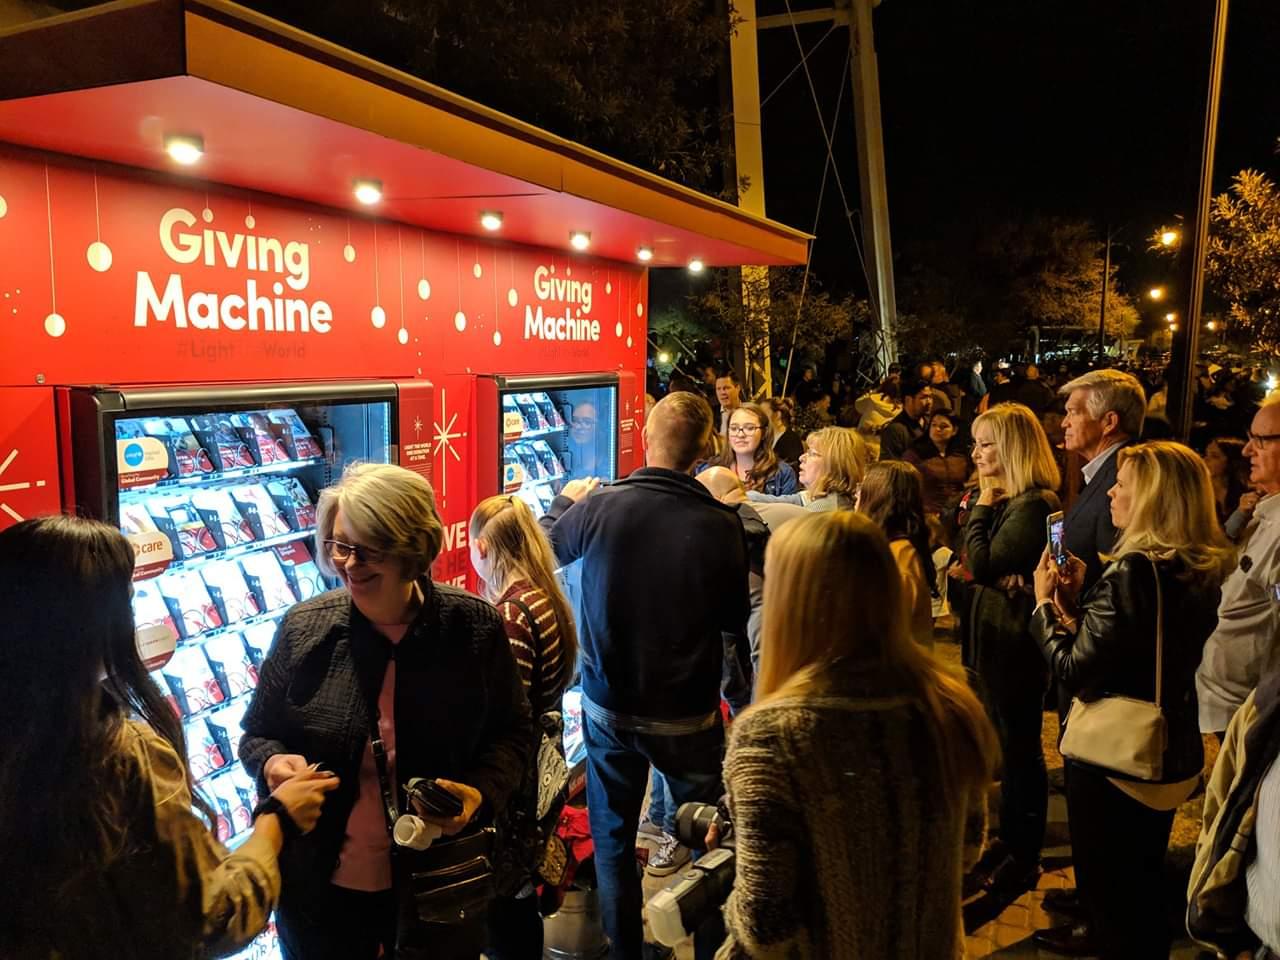 Residentes en Gilbert, Arizona, se reúnen para hacer donaciones en una Máquina de donativos. Gilbert es una de las 10 localidades para las Máquinas este año.